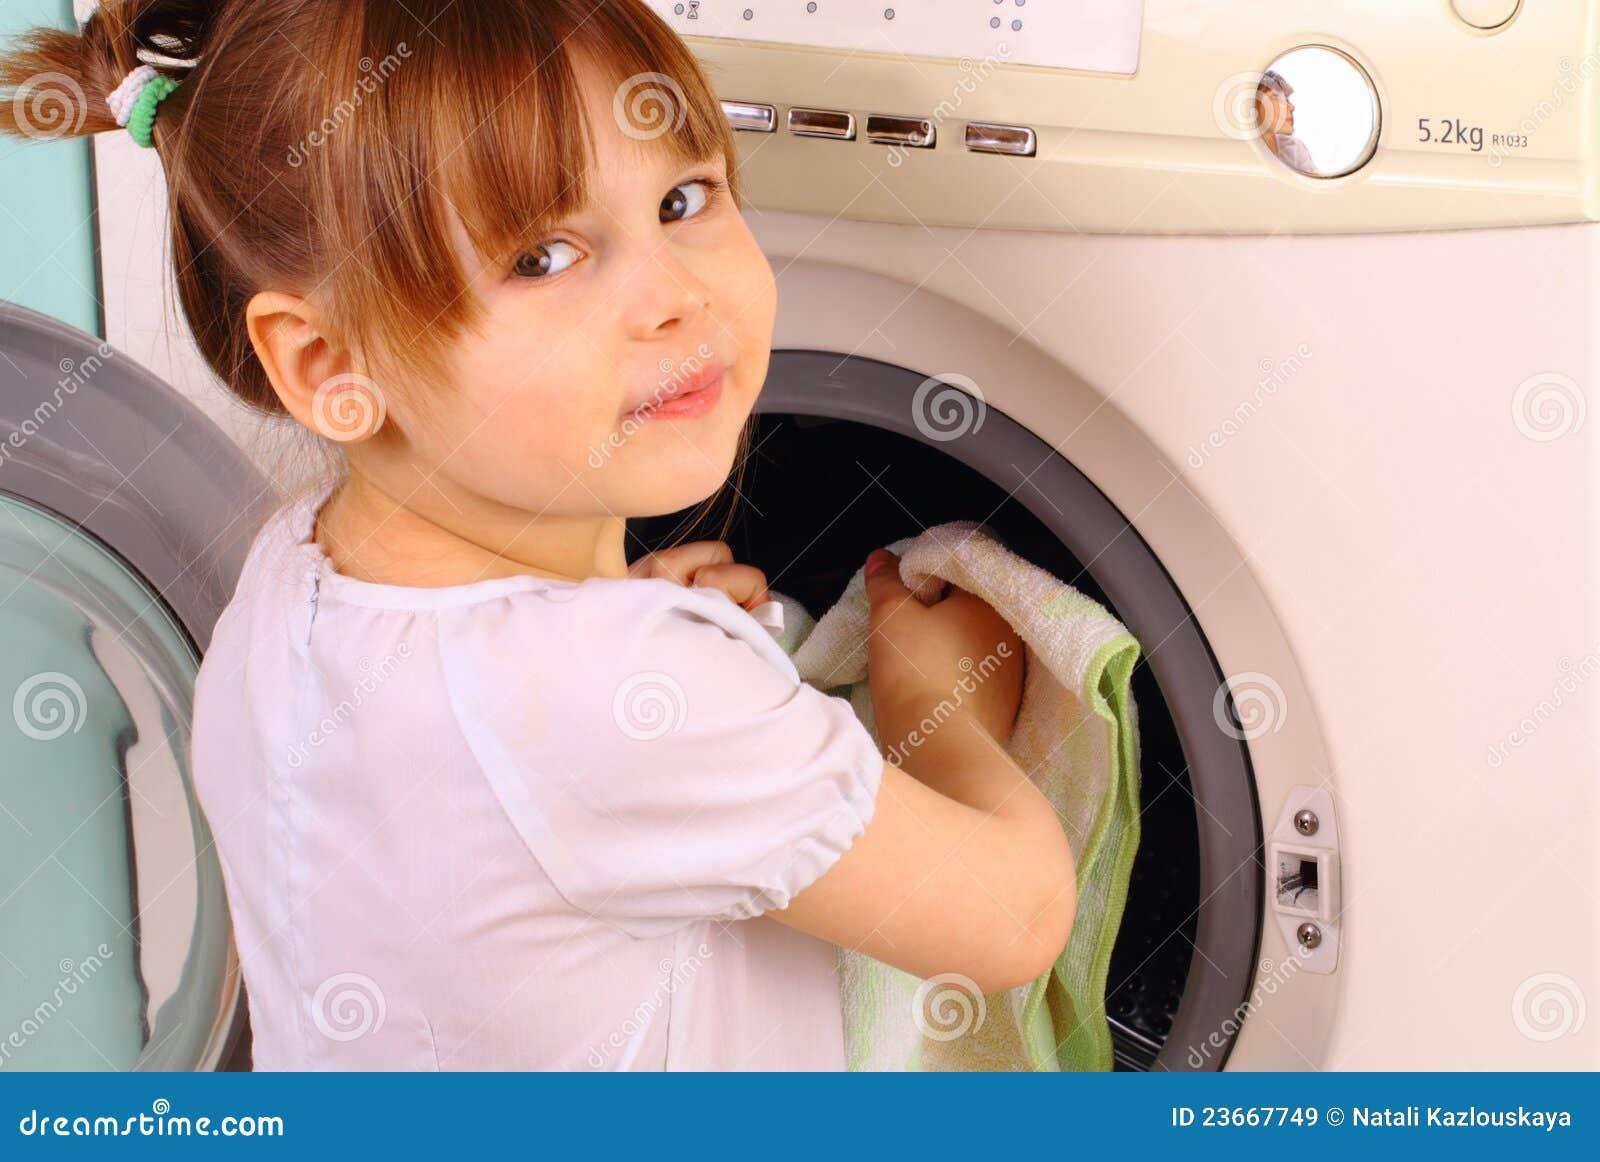 Il bambino mette i tovaglioli nella lavatrice